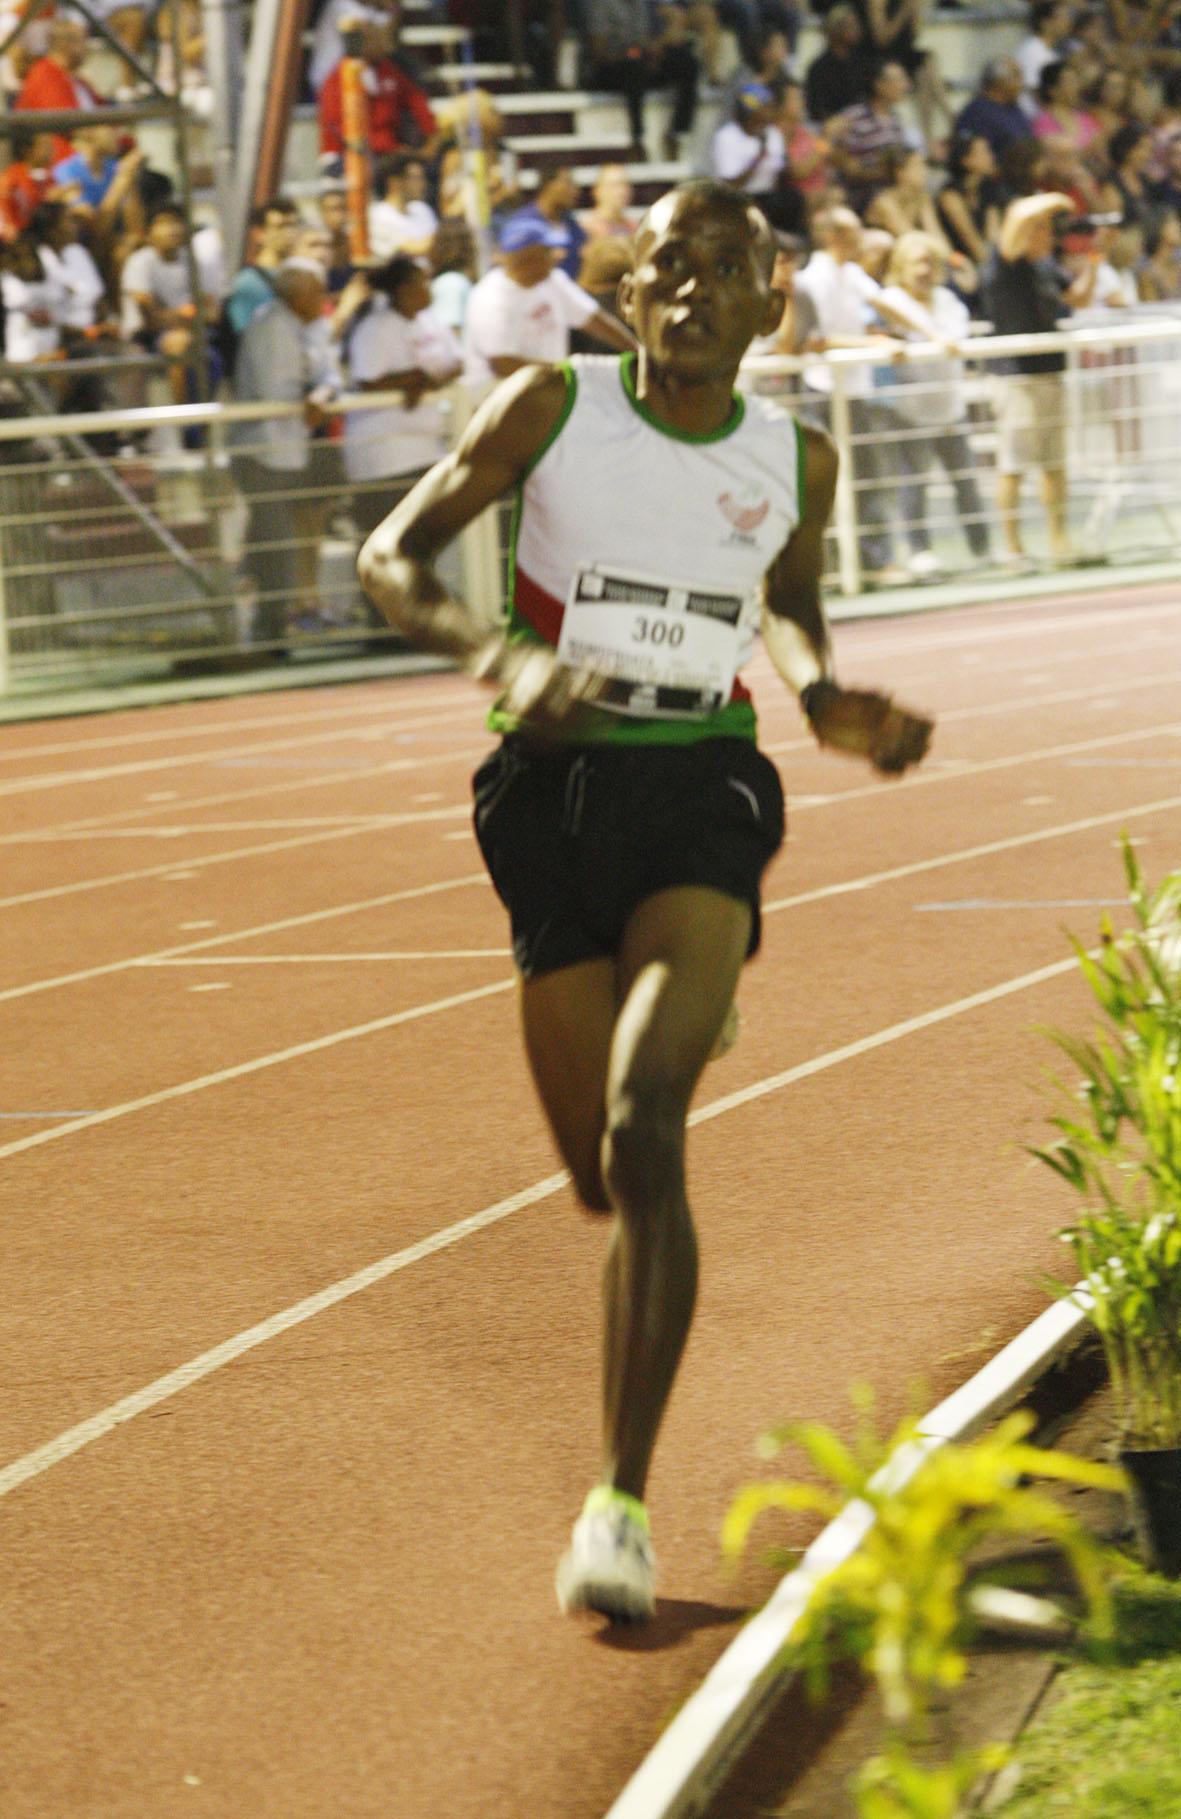 Manpitroatsy avait remporté le 3000 mètres du meeting d'athlétisme cette année à Champ-Fleury